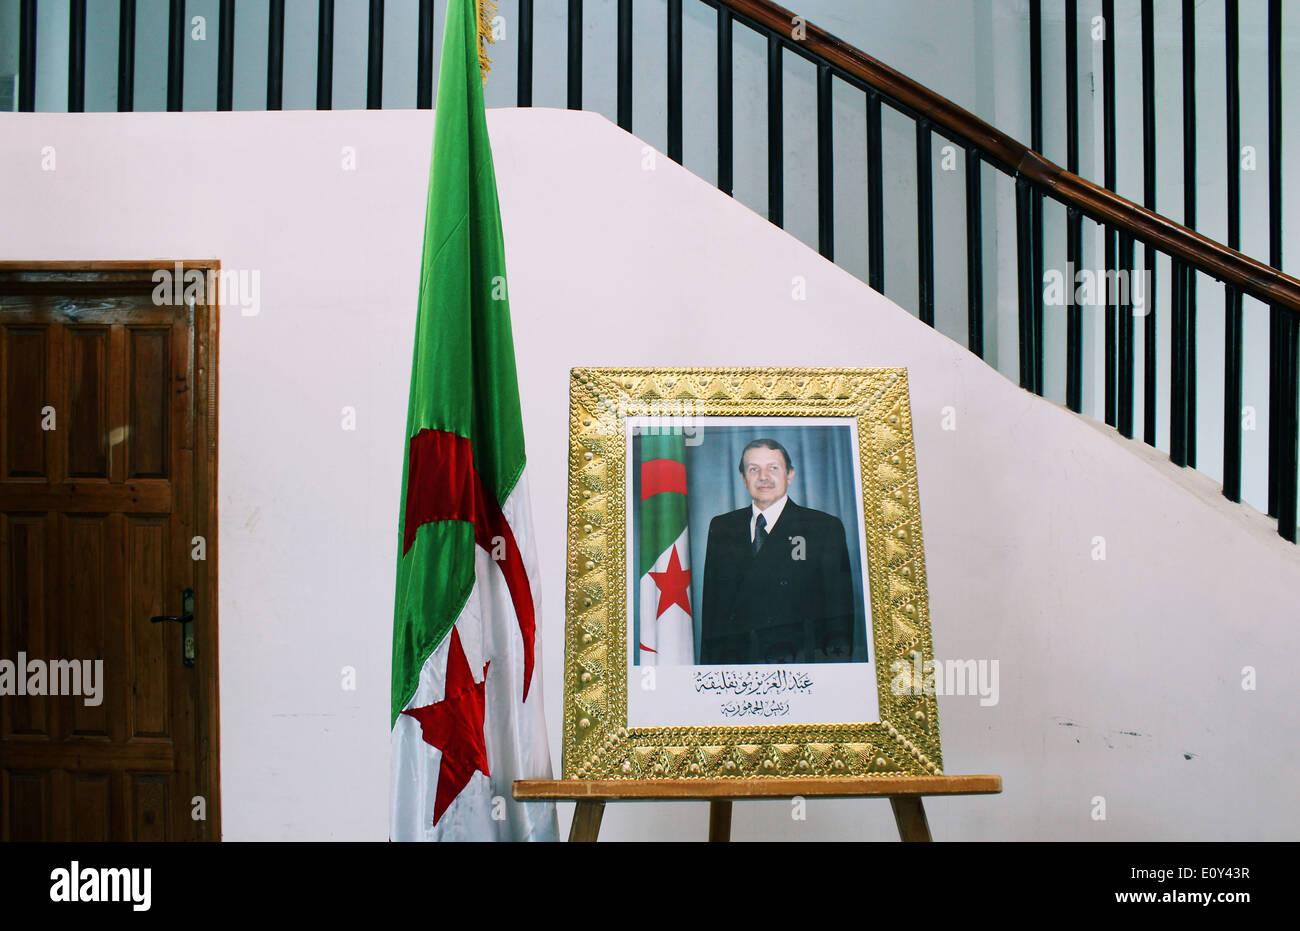 Ritratto del Presidente algerino in M'sila, Algeria. Immagini Stock